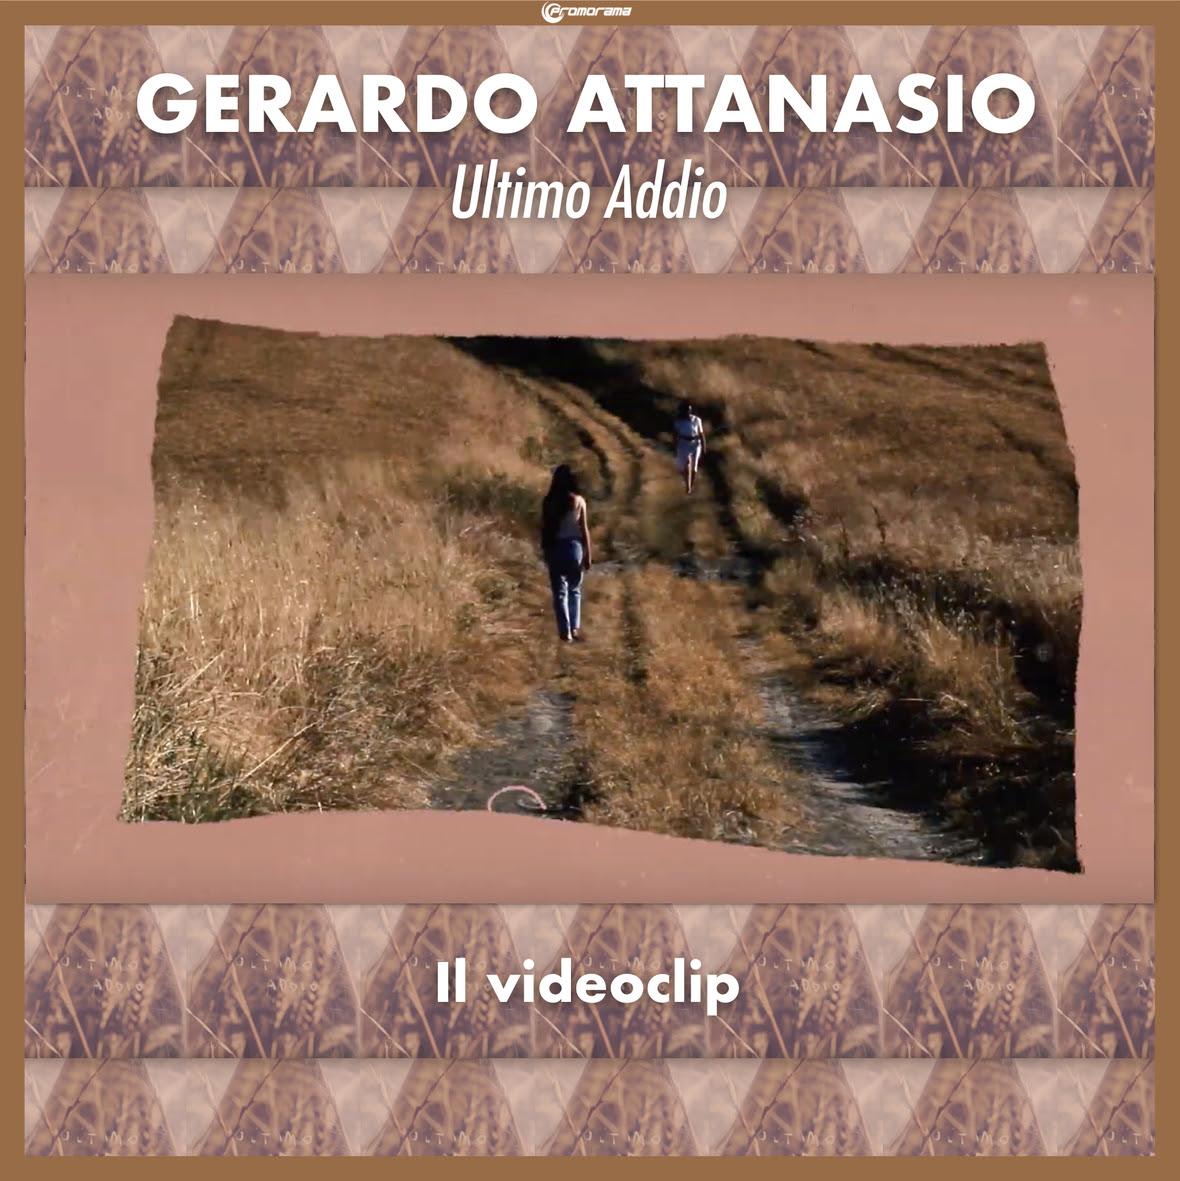 Gerrdo Attanasio - Ultimo Addio Videoclip